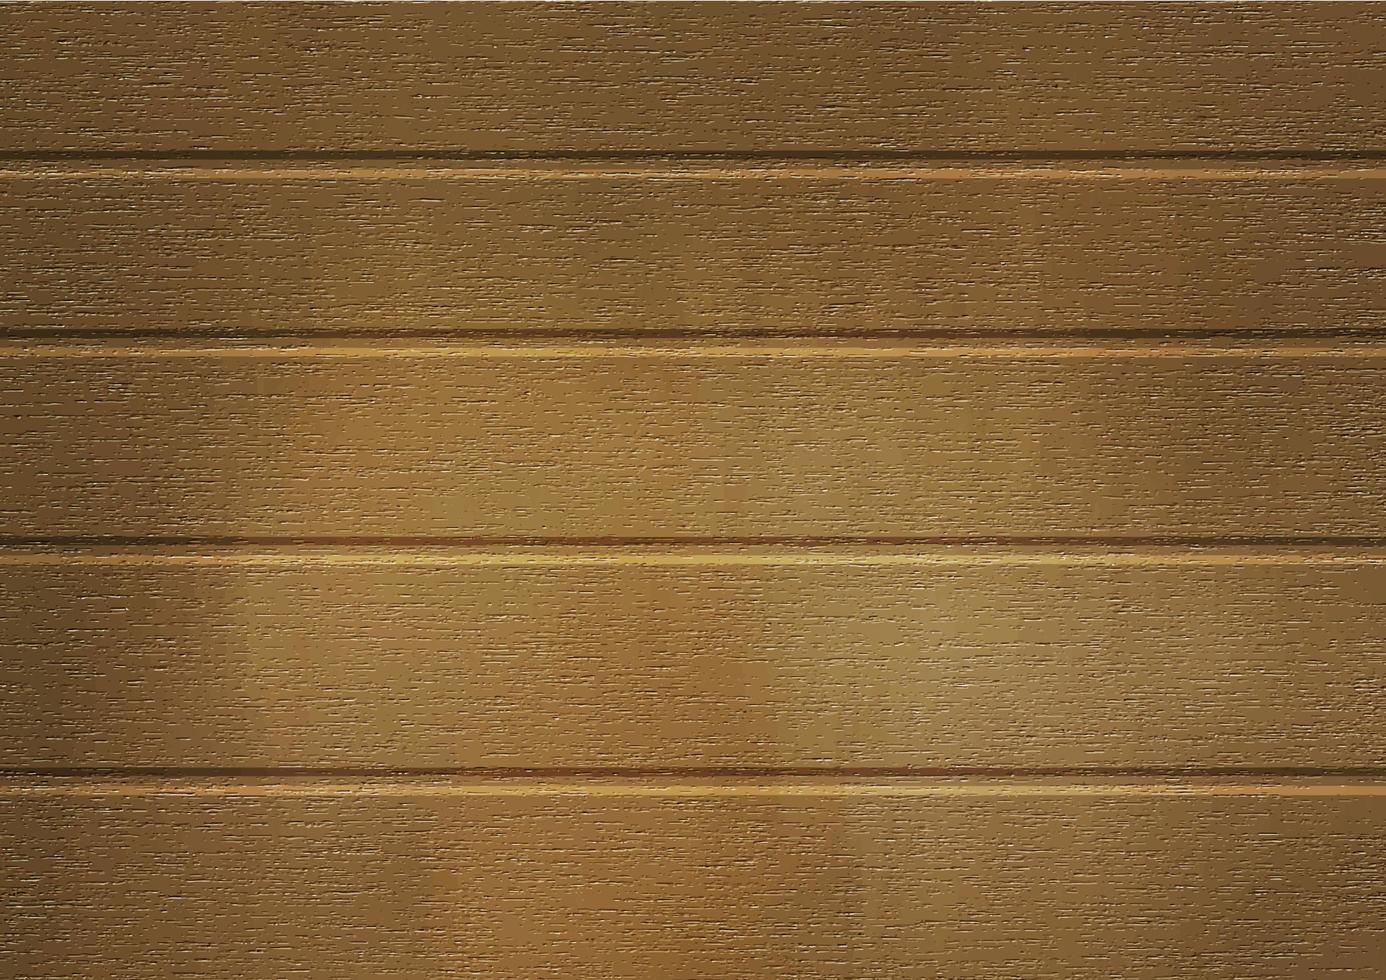 realistisk trästruktur vektor